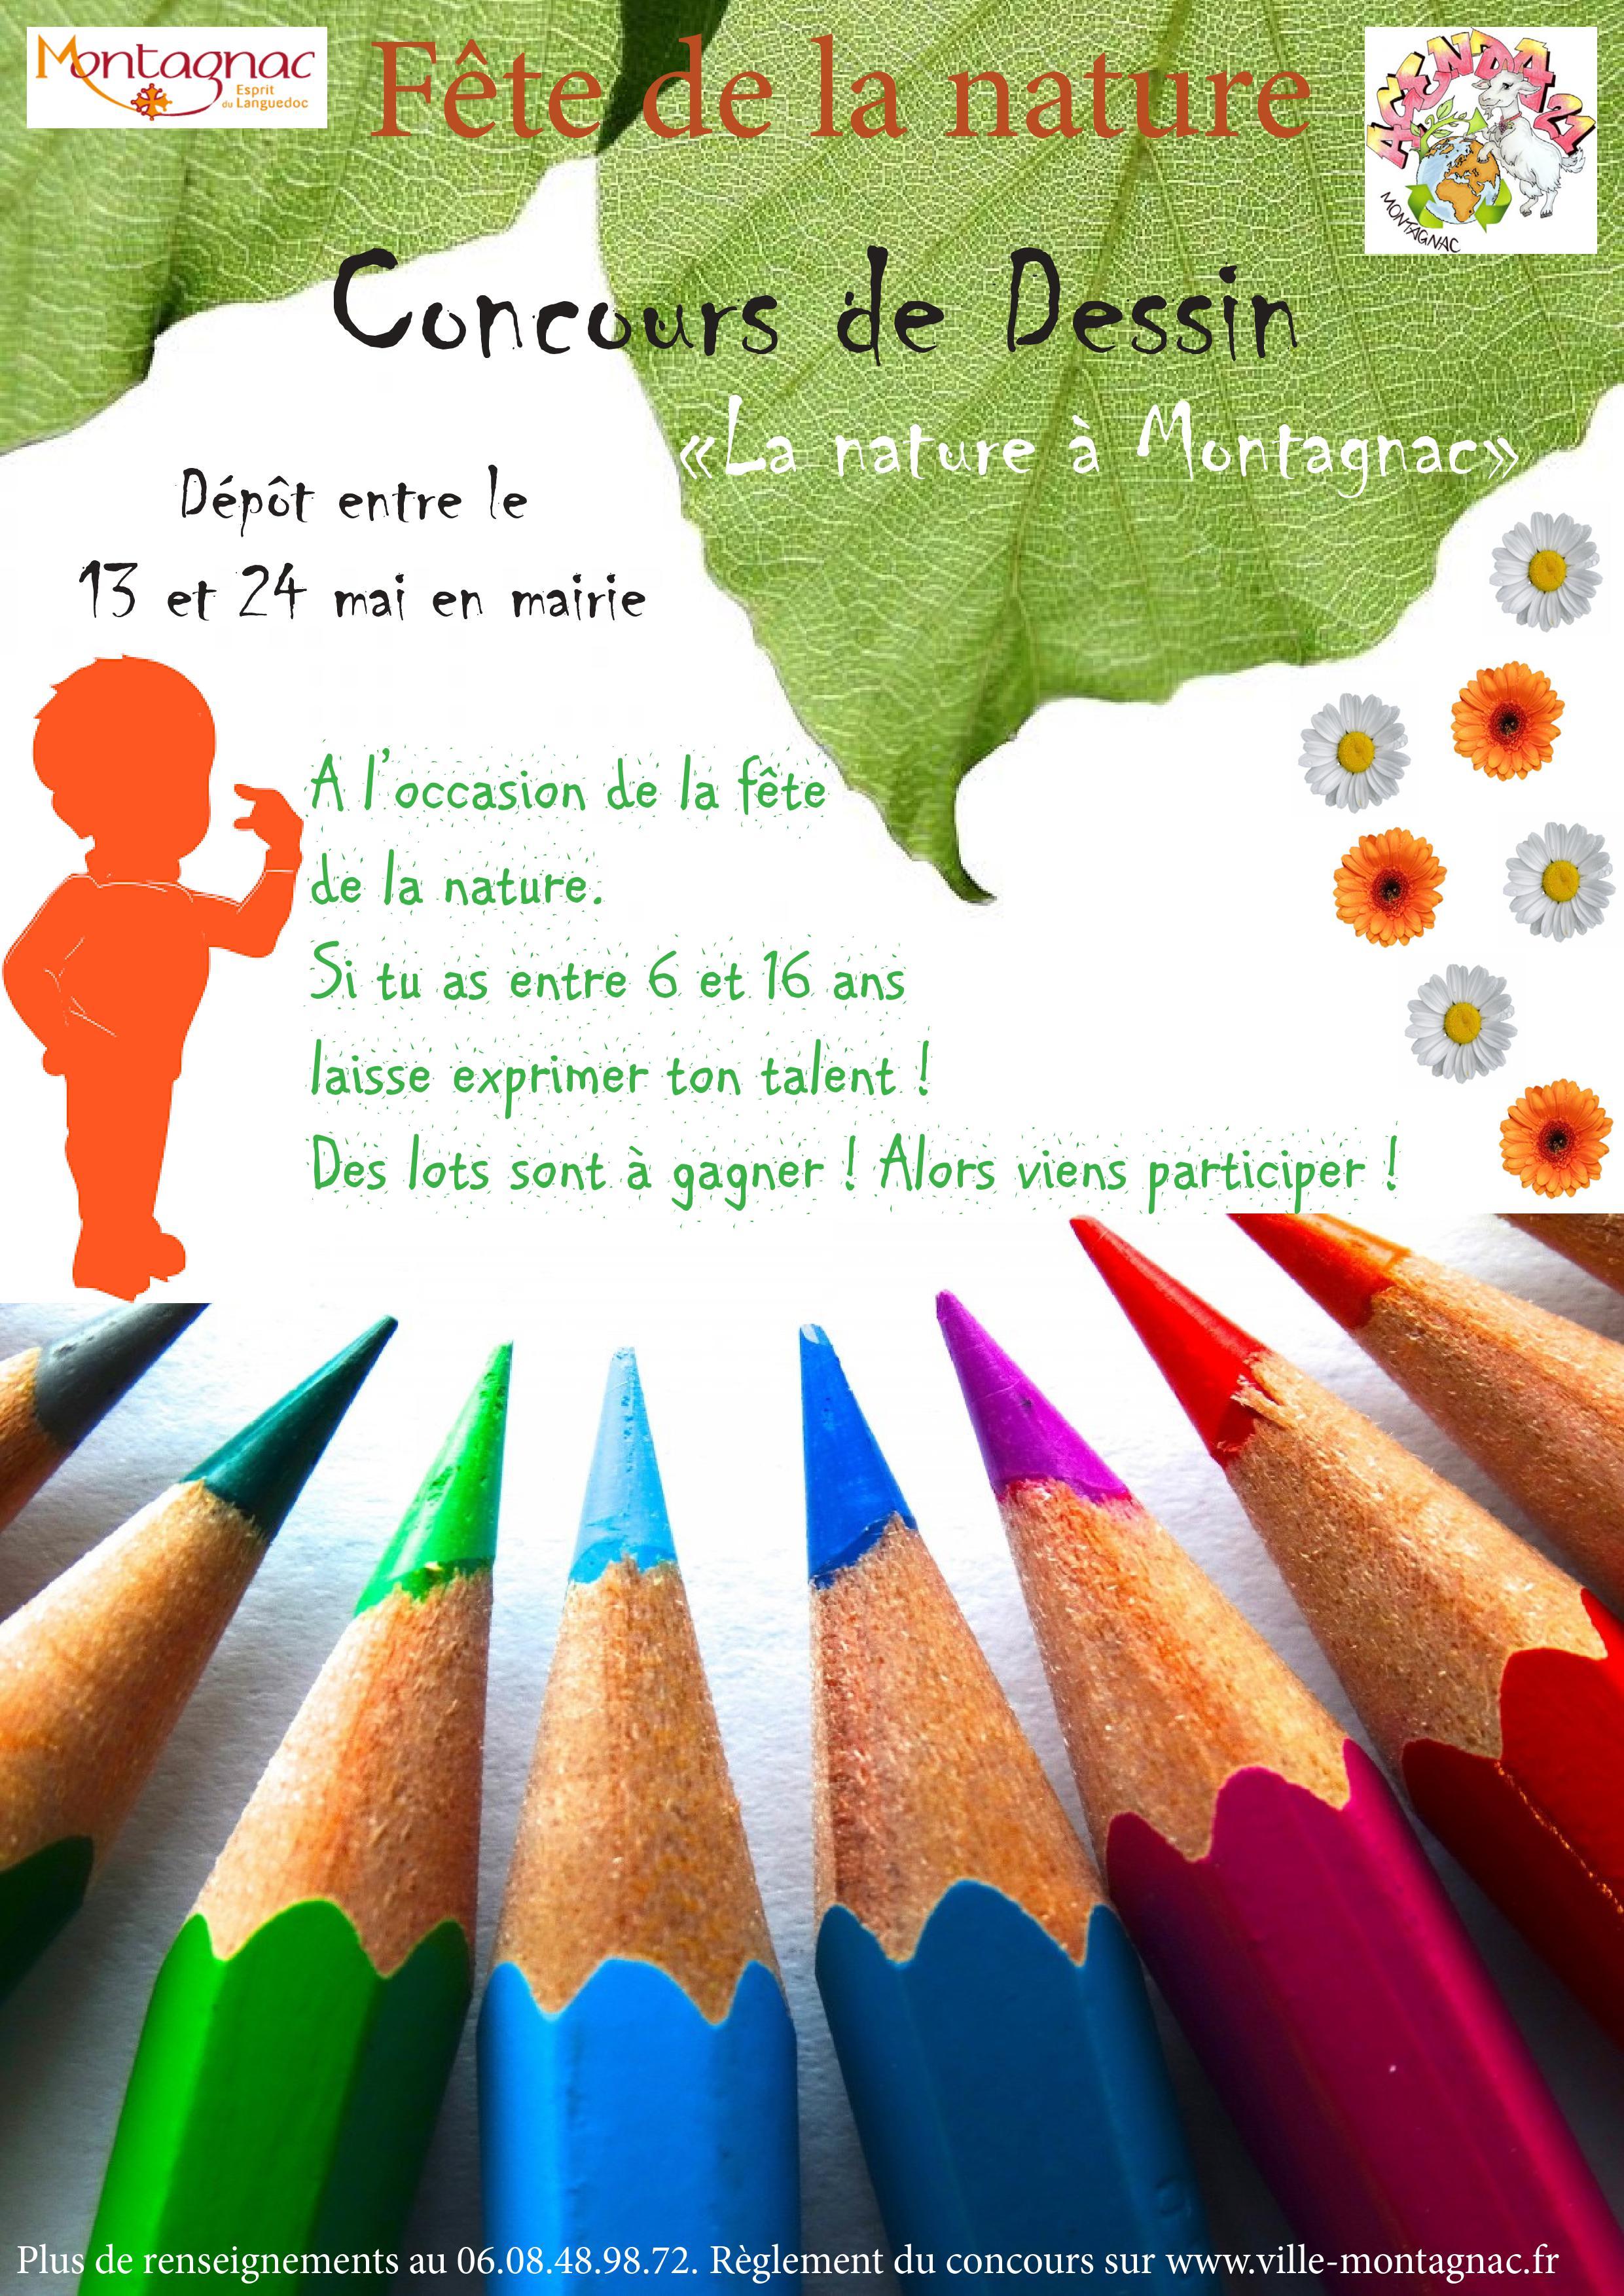 Fete De La Nature Concours De Dessin Et Photographie Ville De Montagnac